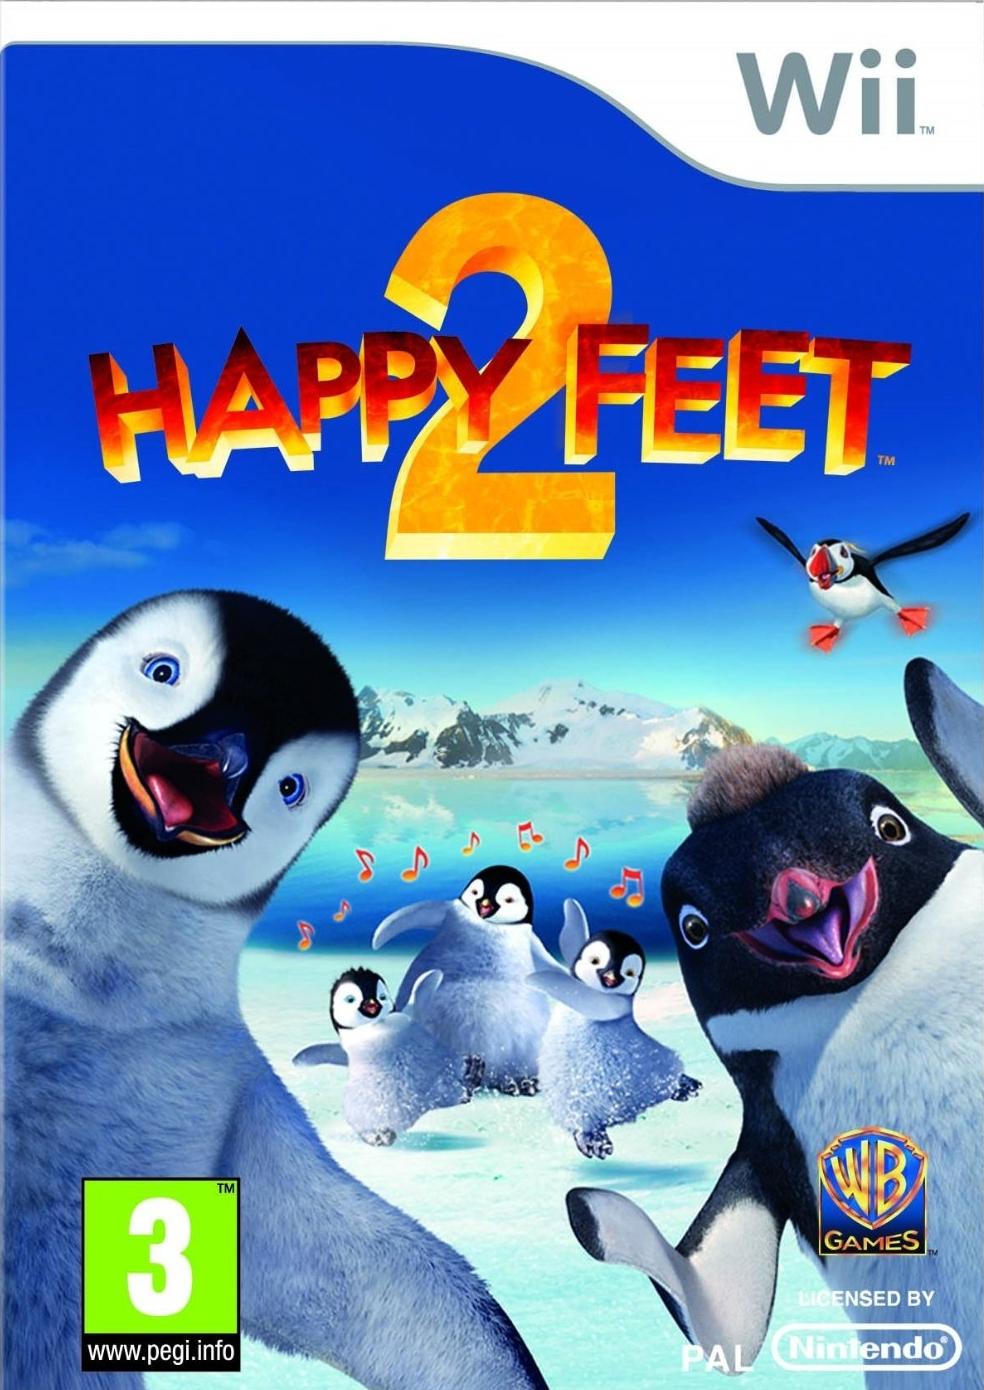 HappyFeet2 Wii Jaquette 001